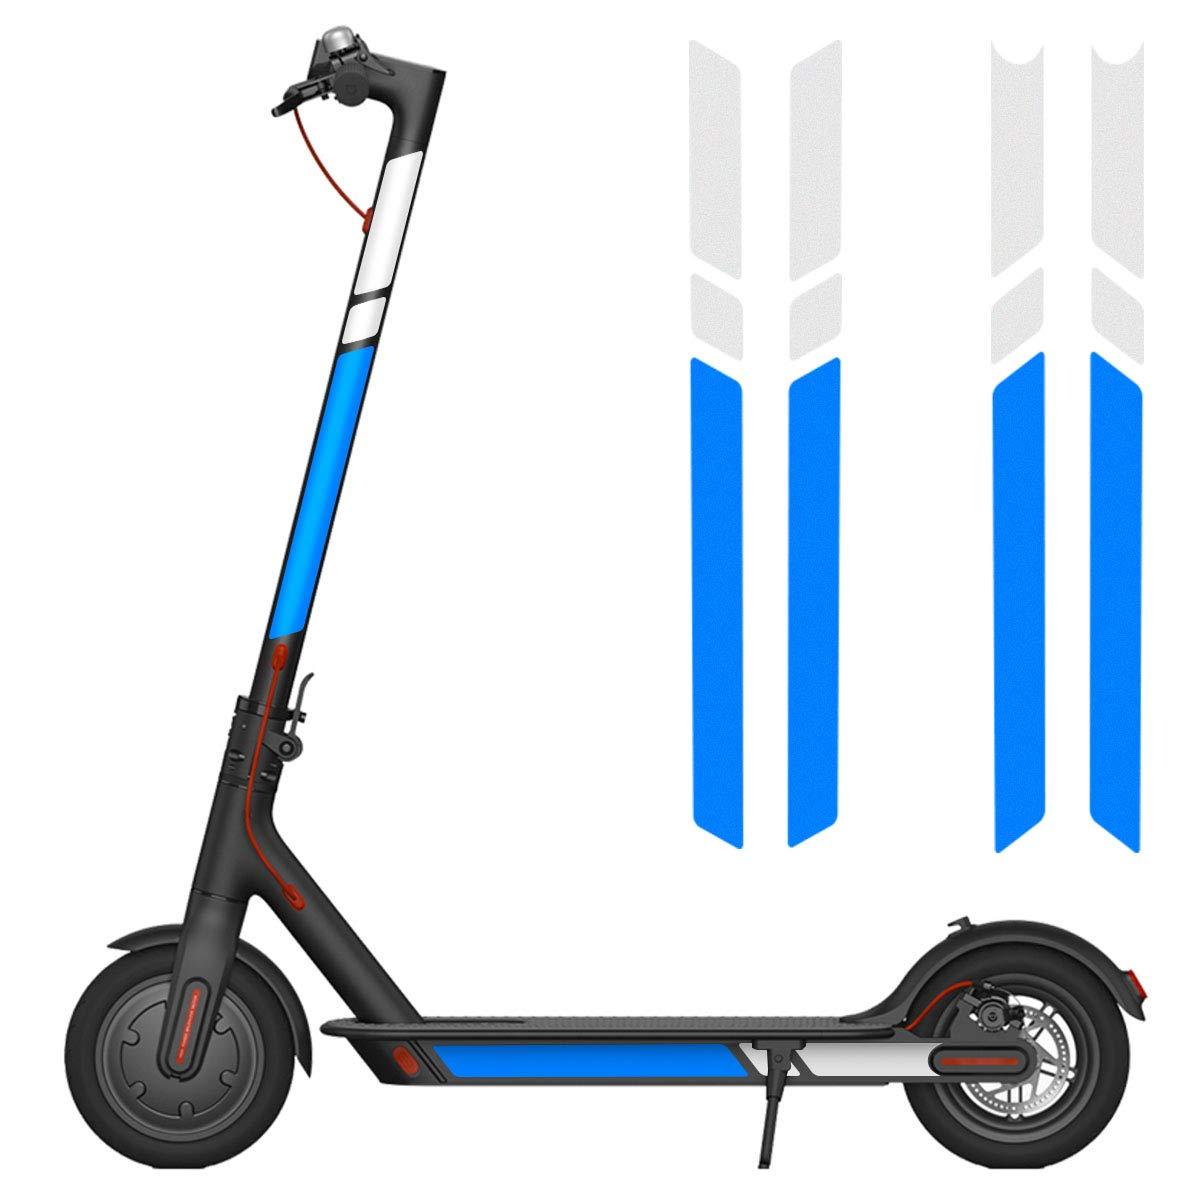 Autocollant R/éfl/échissant,/Étanche Autocollant Lat/éral R/éfl/échissant Fluorescent D/écalcomanie pour Scooter pour Xiaomi Millet Electric Scooter M365 Scooter Autocollant Styling,Scooter Accessoires